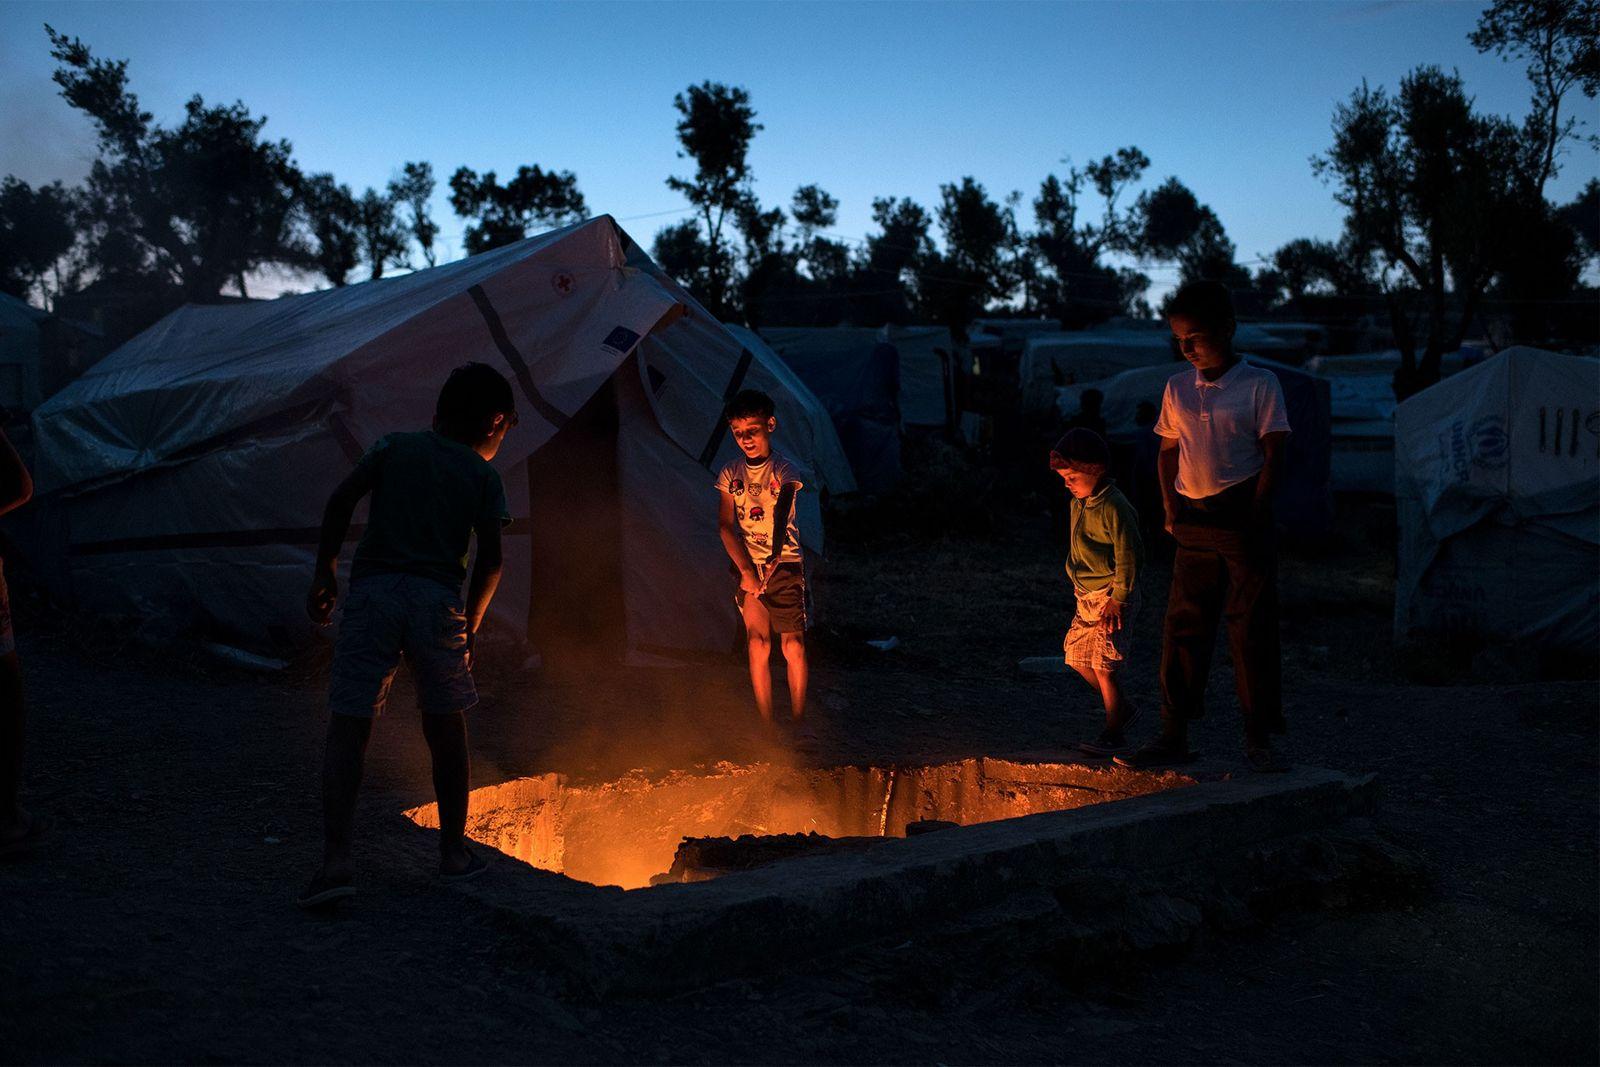 Des enfants réfugiés se tiennent autour d'une fosse où brûlent des déchets. Si le feu permet ...